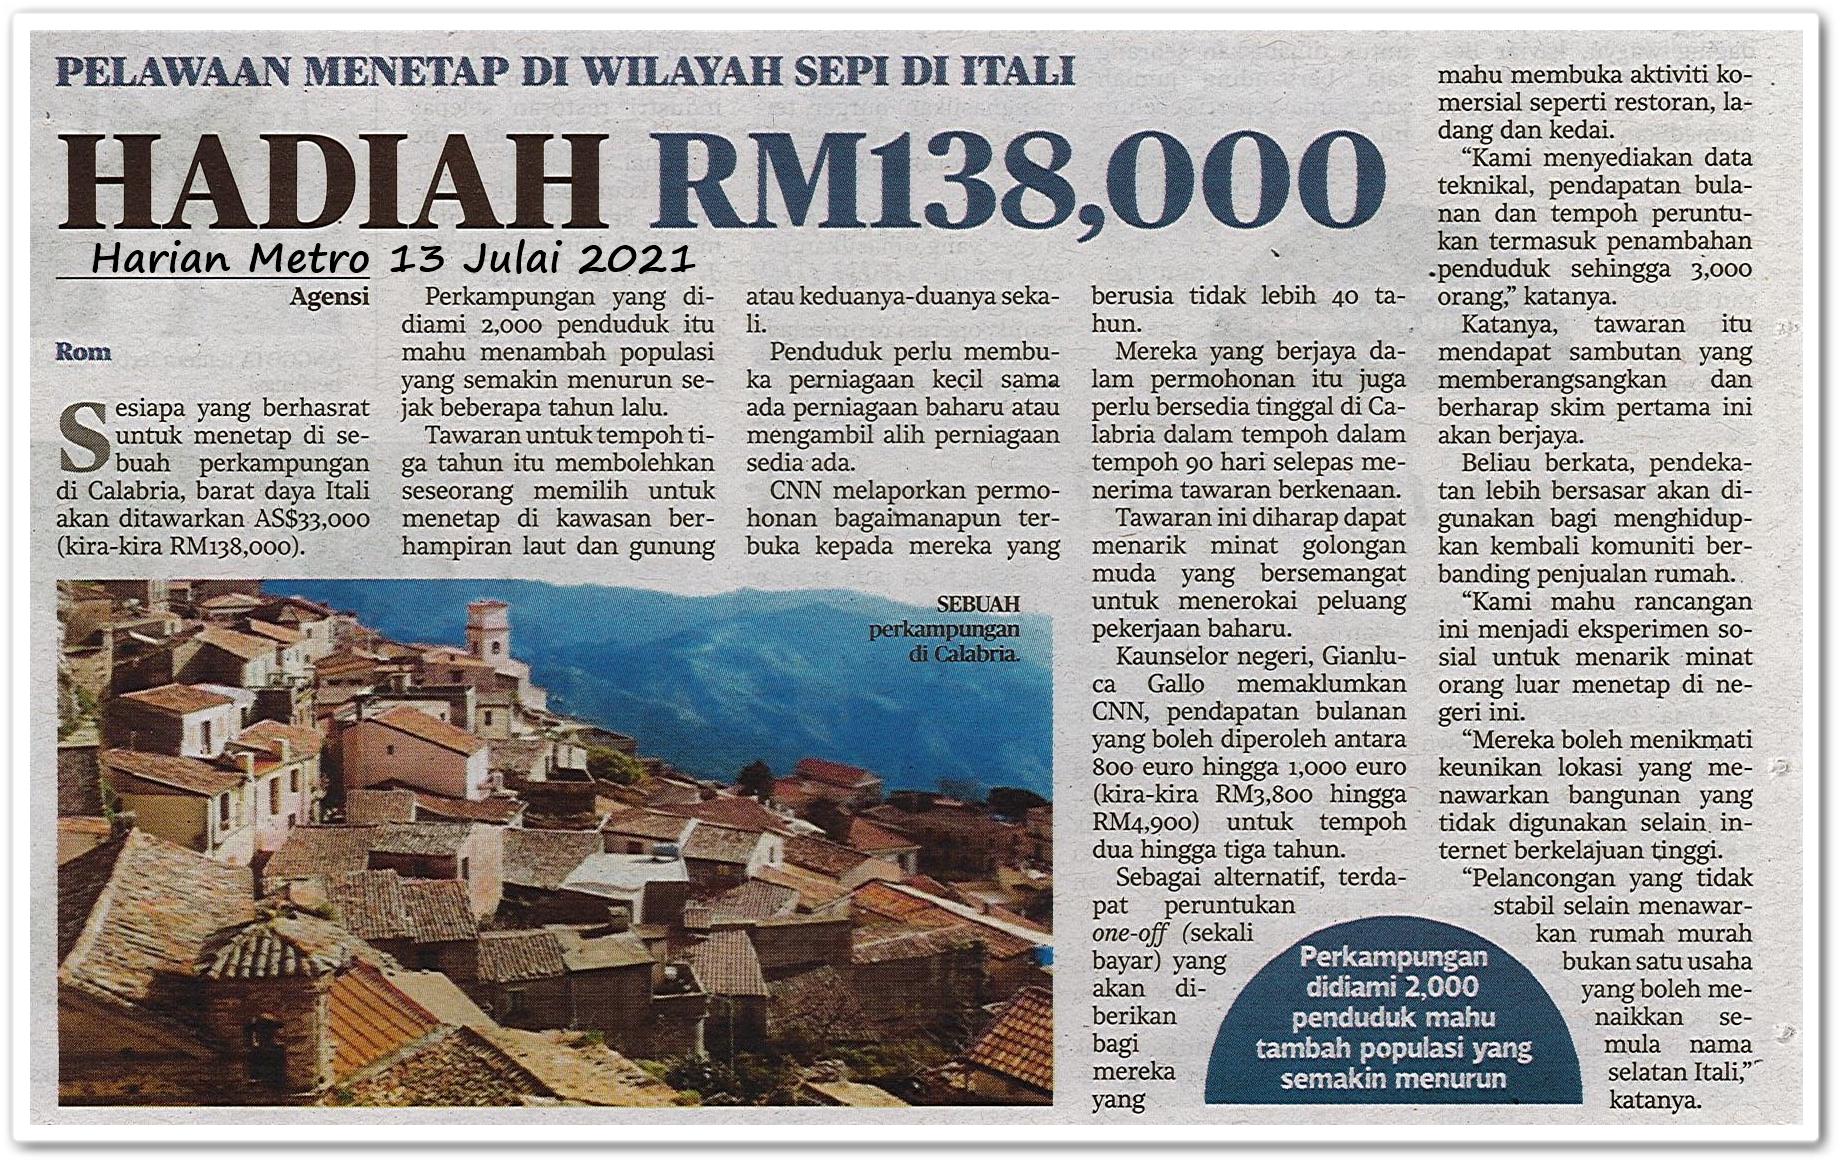 Hadiah RM138,000 - Keratan akhbar Harian Metro 13 Julai 2021